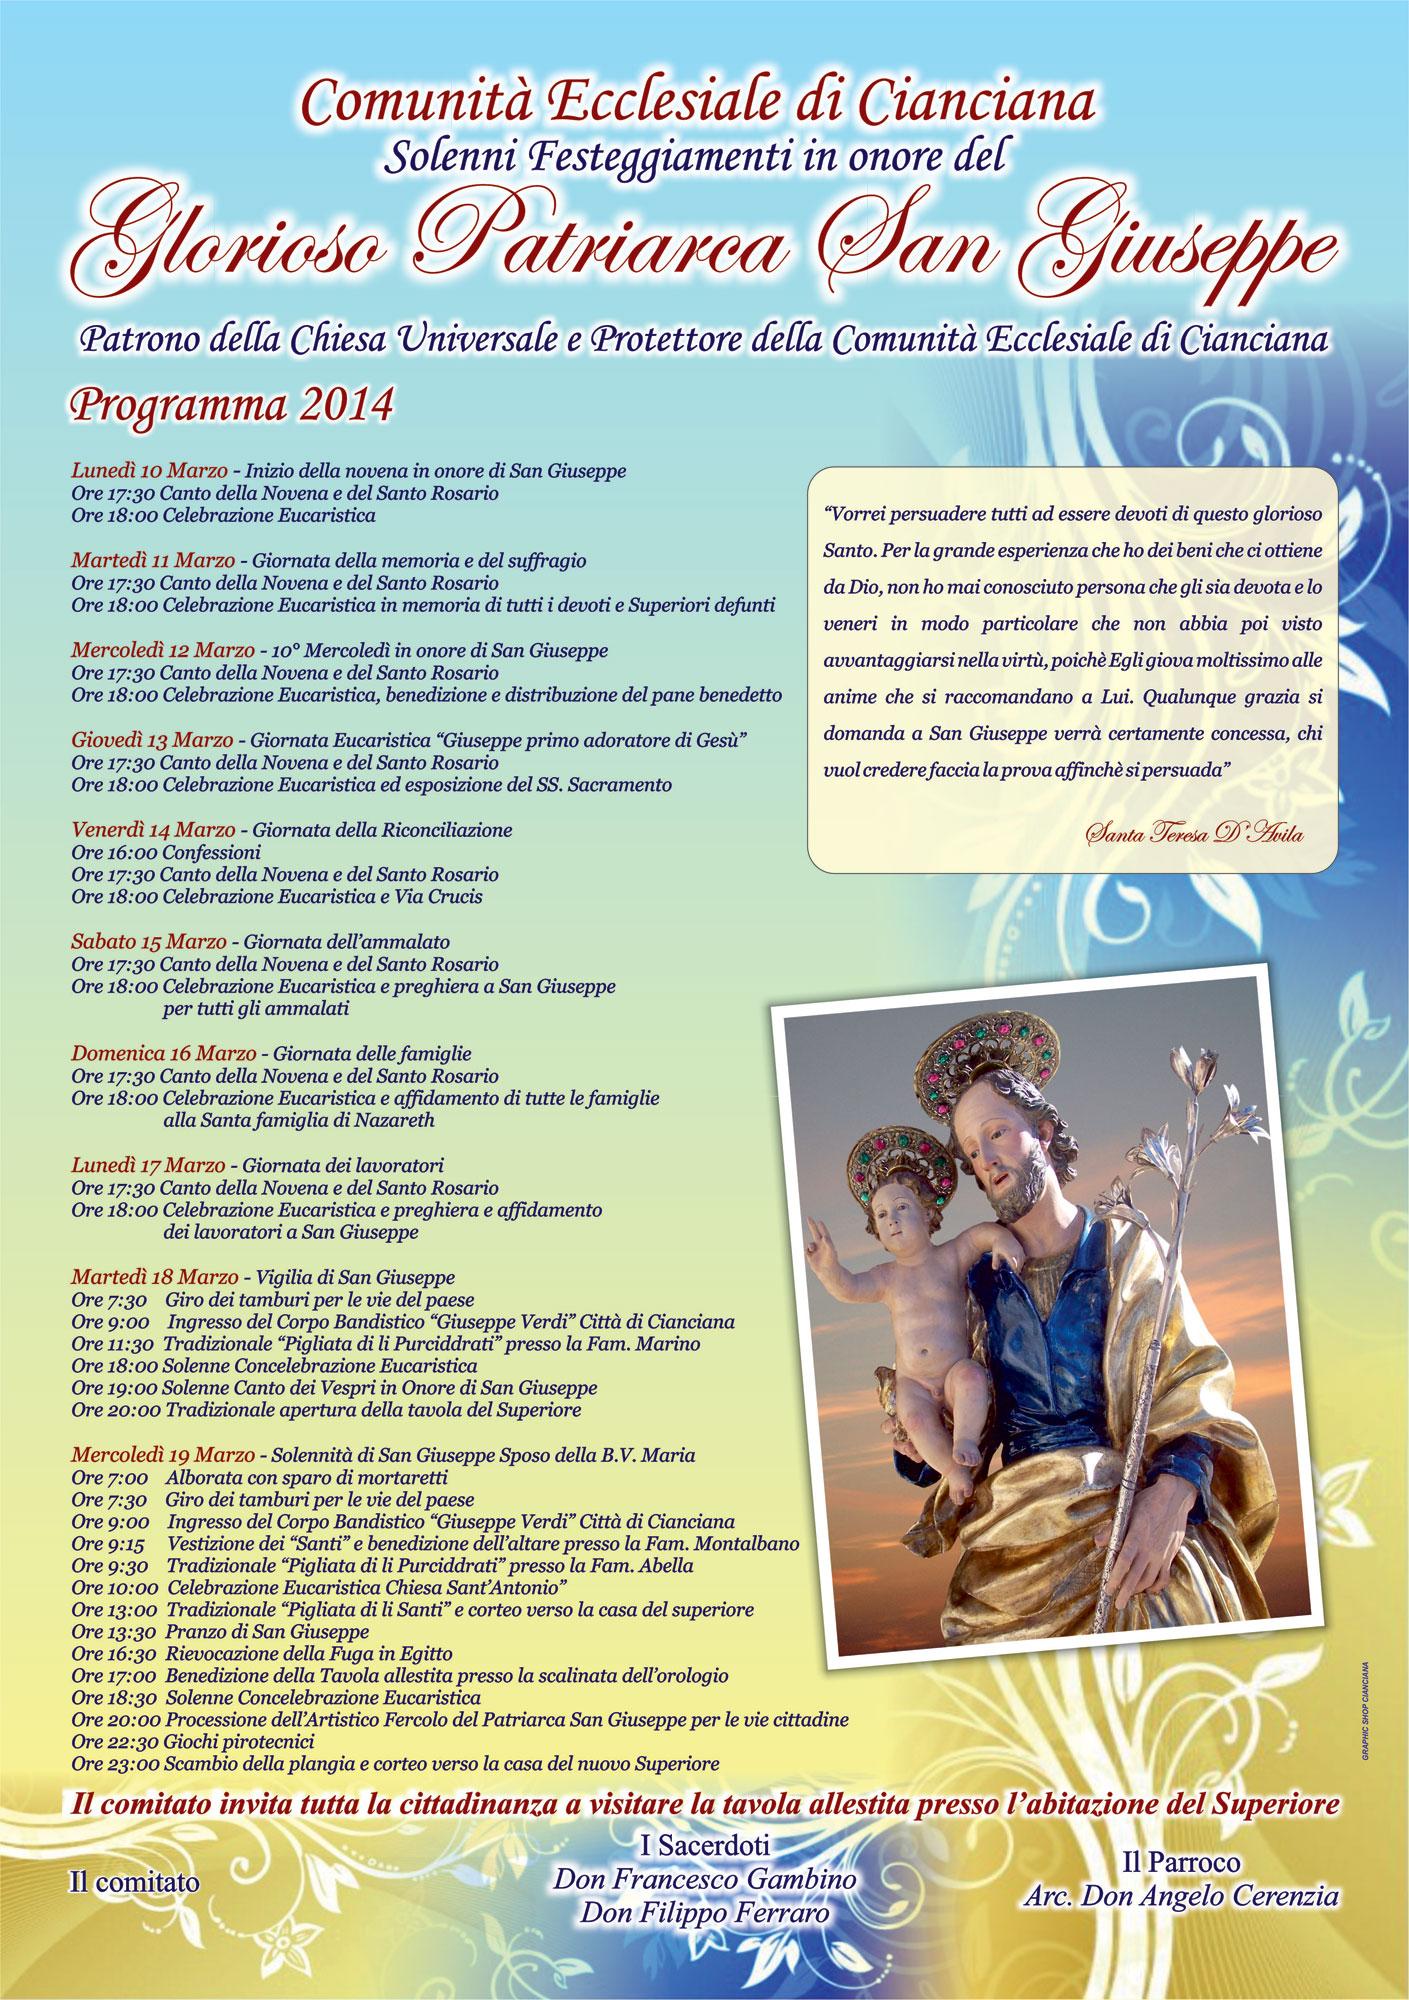 Il programma della festa di San Giuseppe 2014 a Cianciana